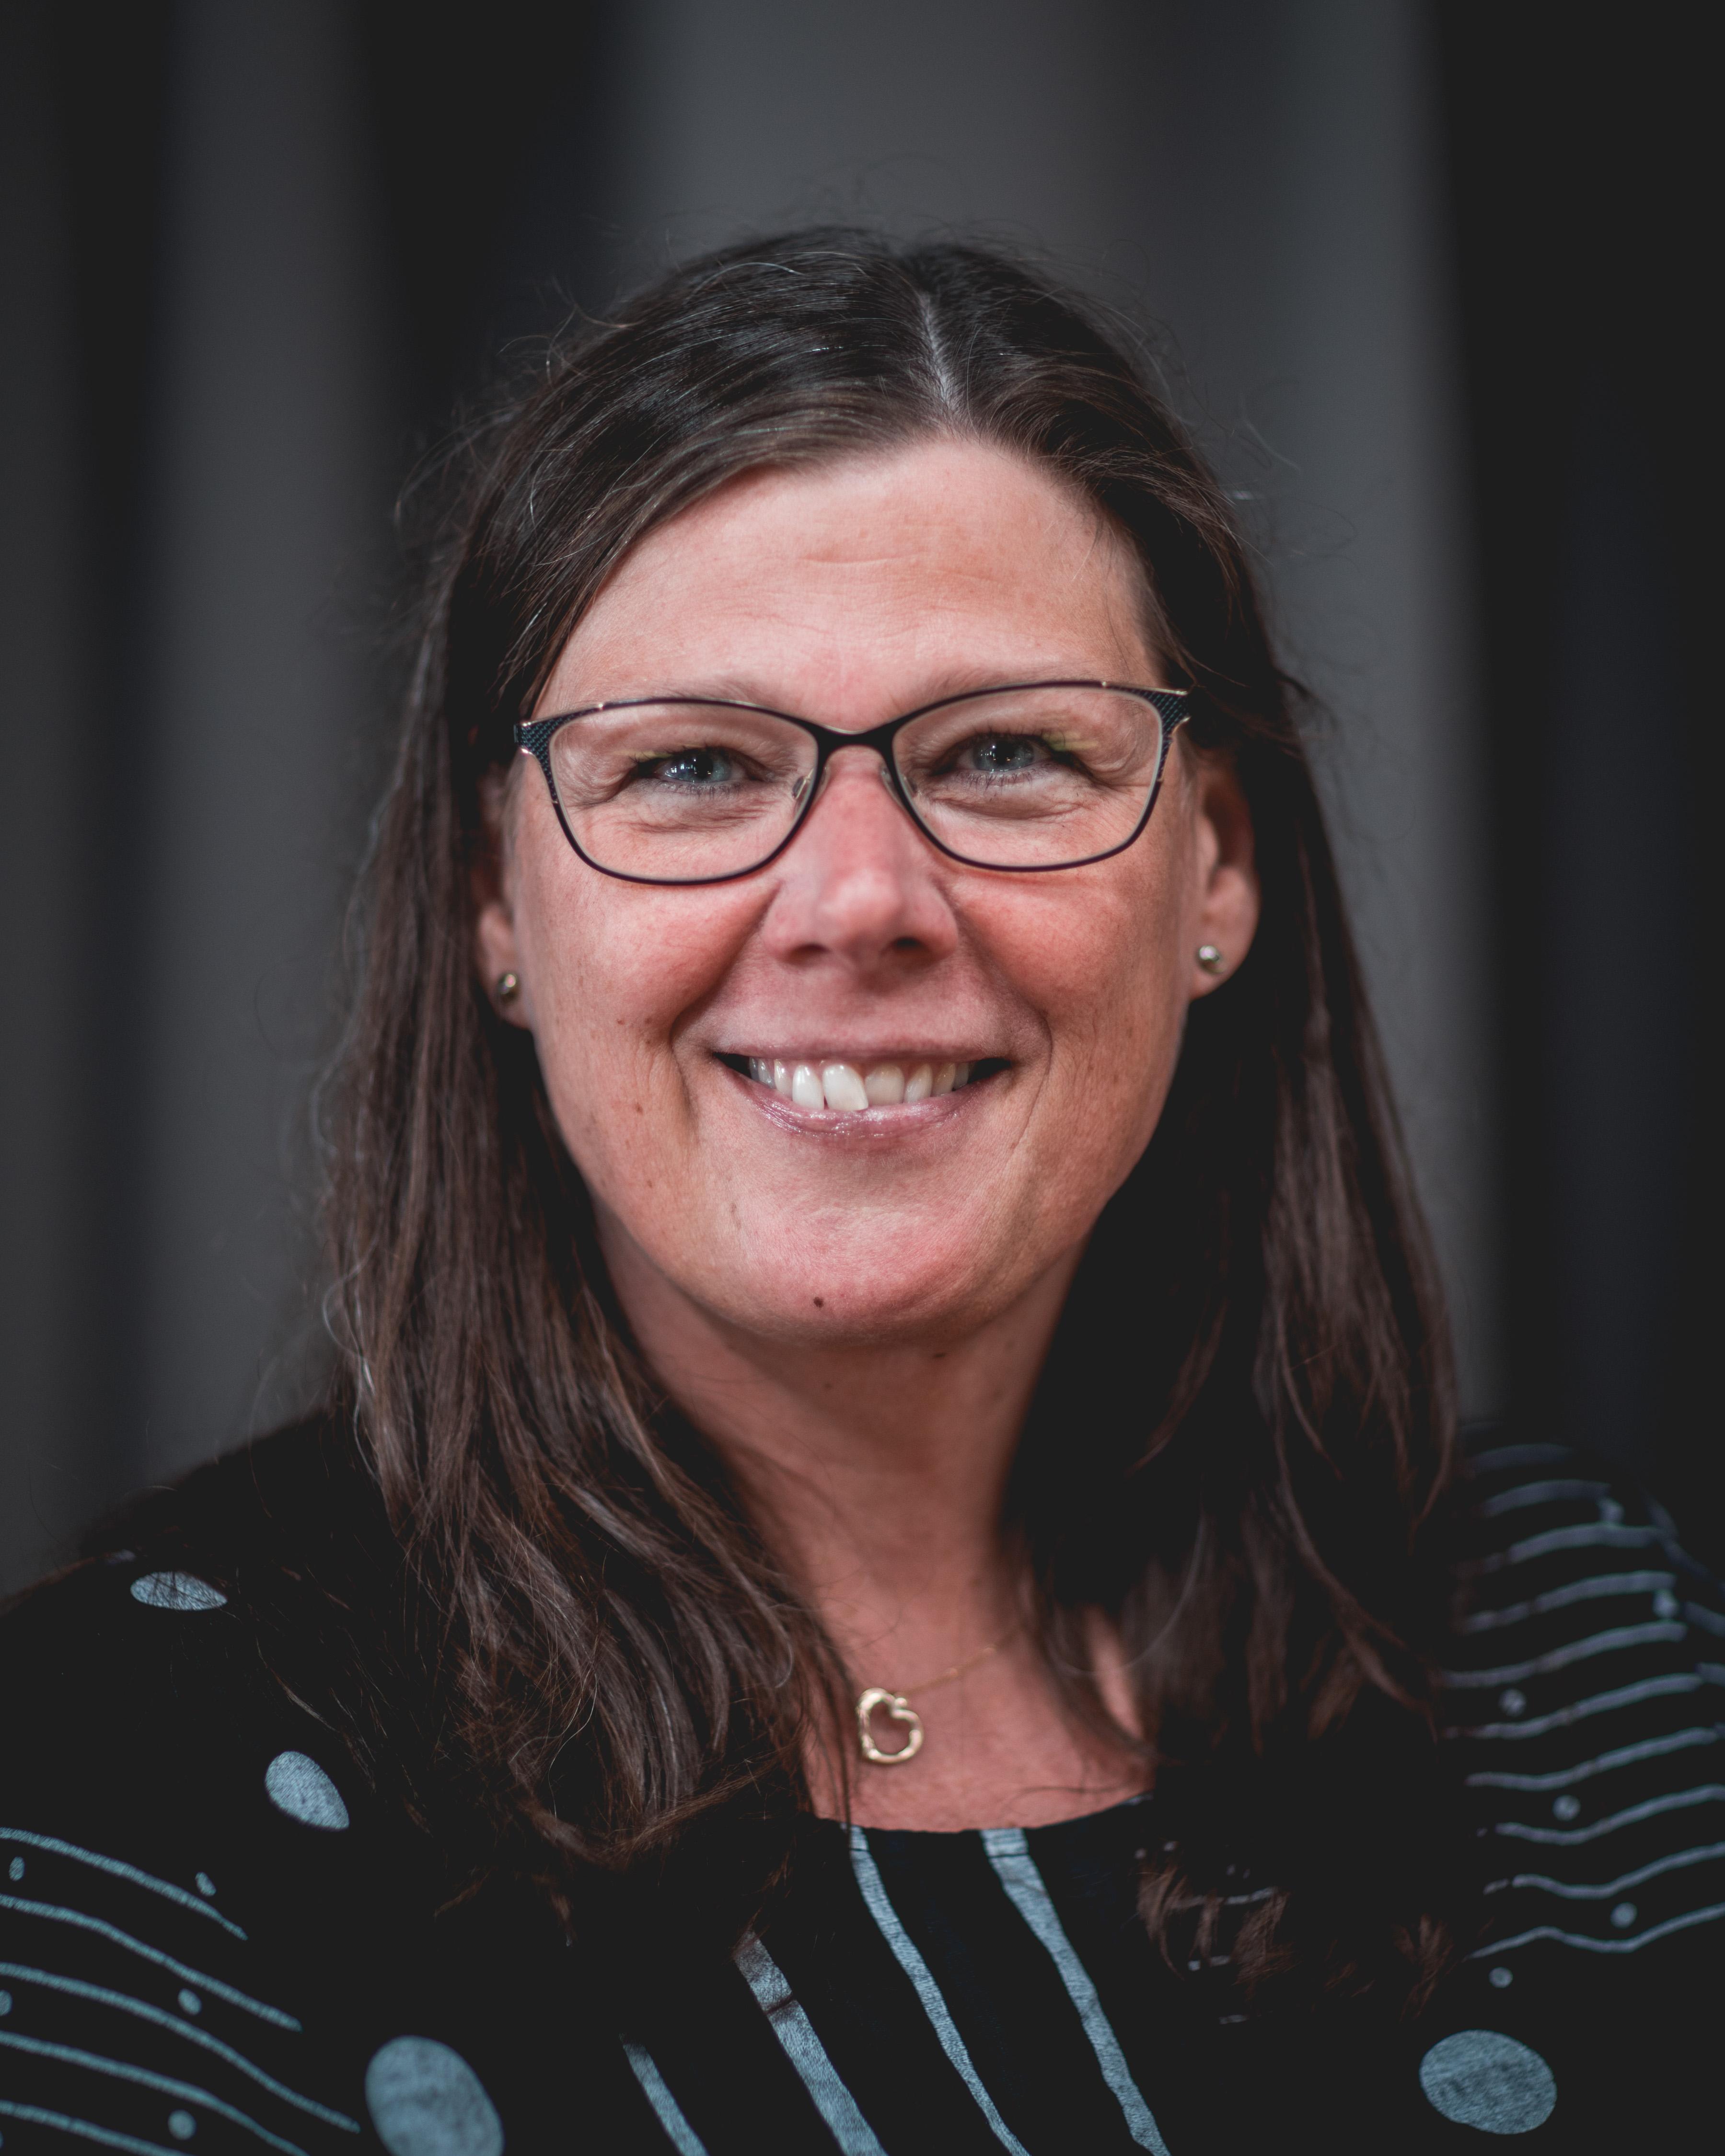 Anette Strøm